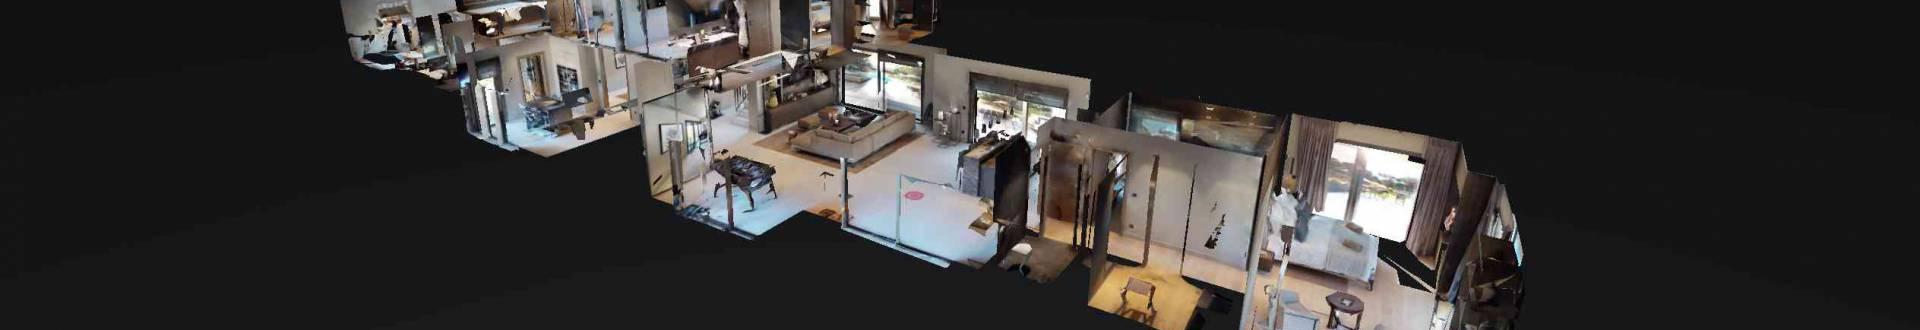 Jean-Francois BOOS | Mouans-Sartoux France | visite virtuelle 360 3D VR